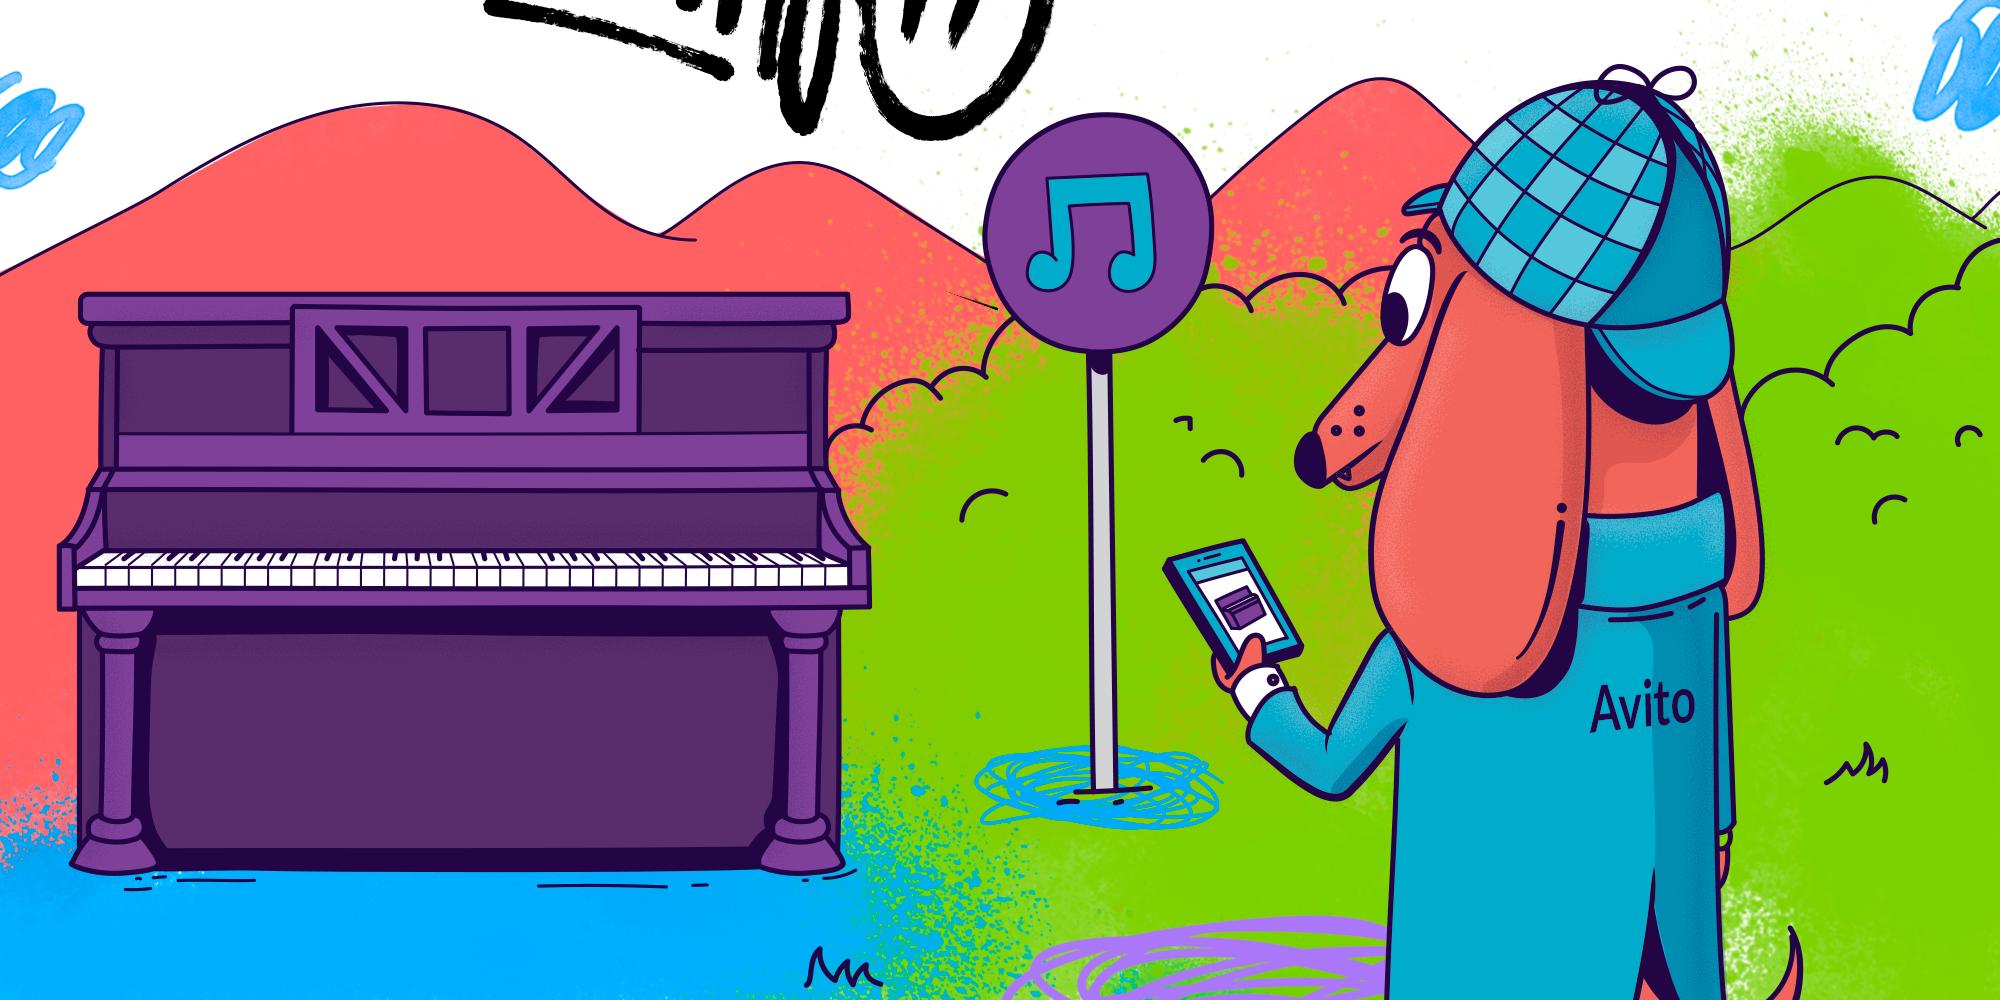 Эволюция поиска — как купить пианино в три клика - 1